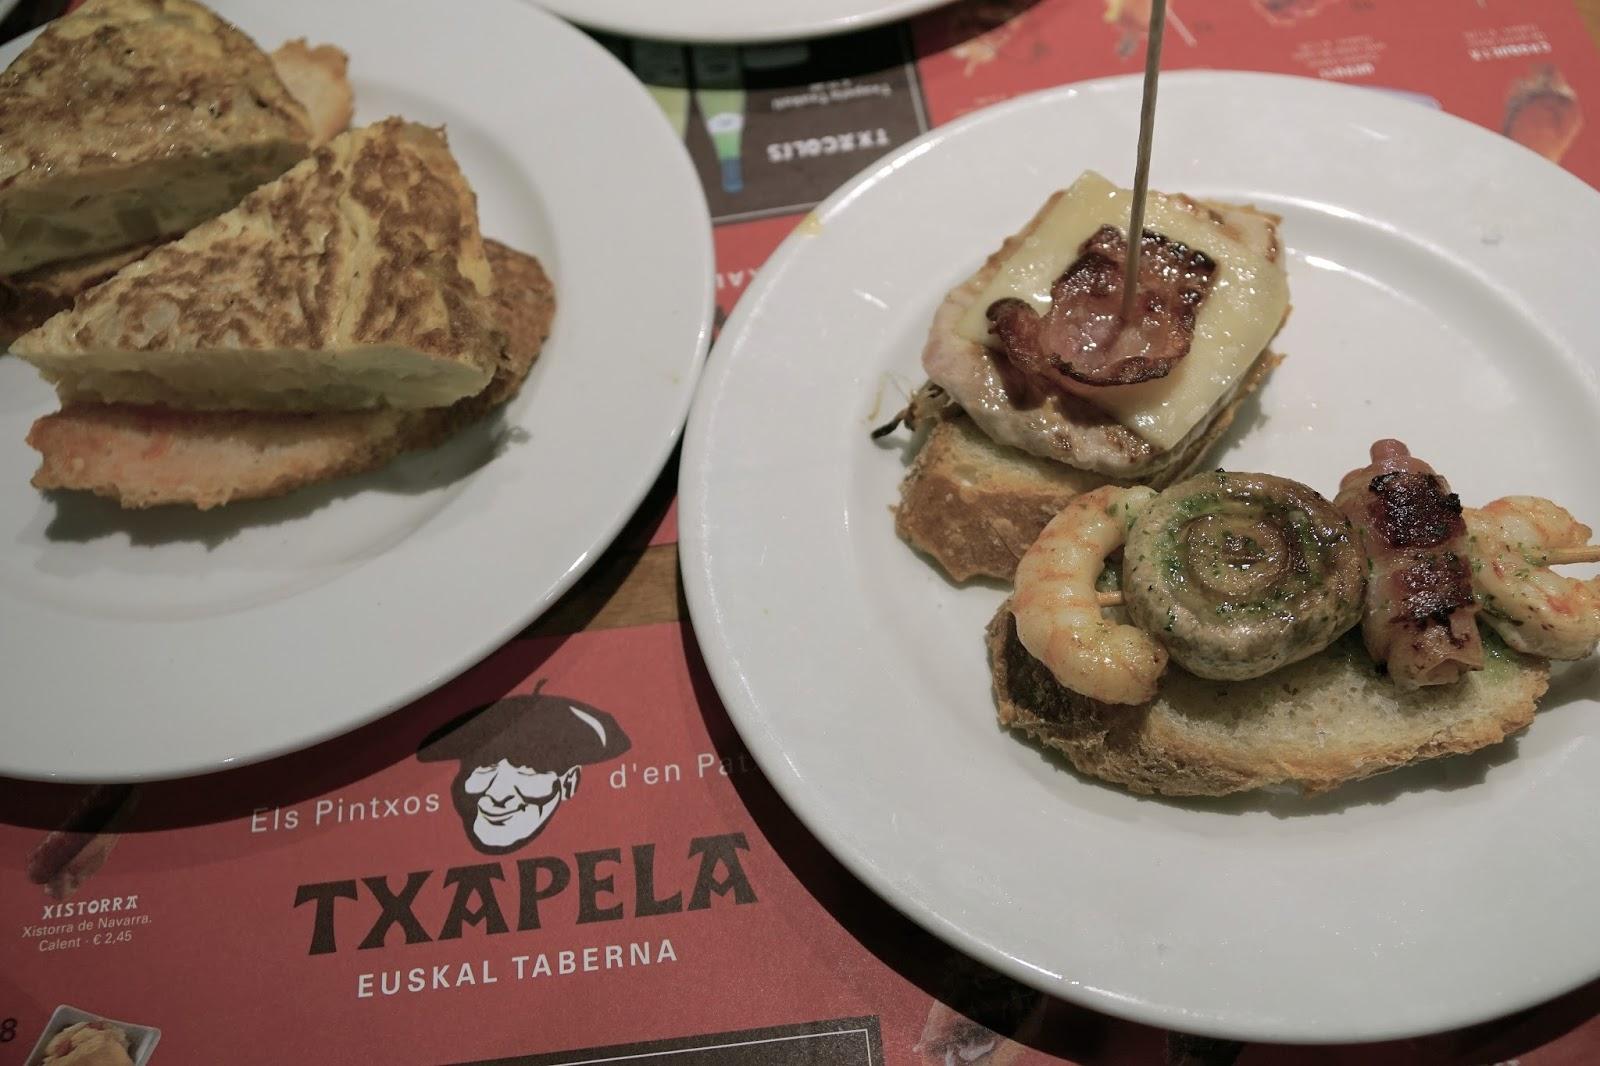 チャペラ(Txapela)